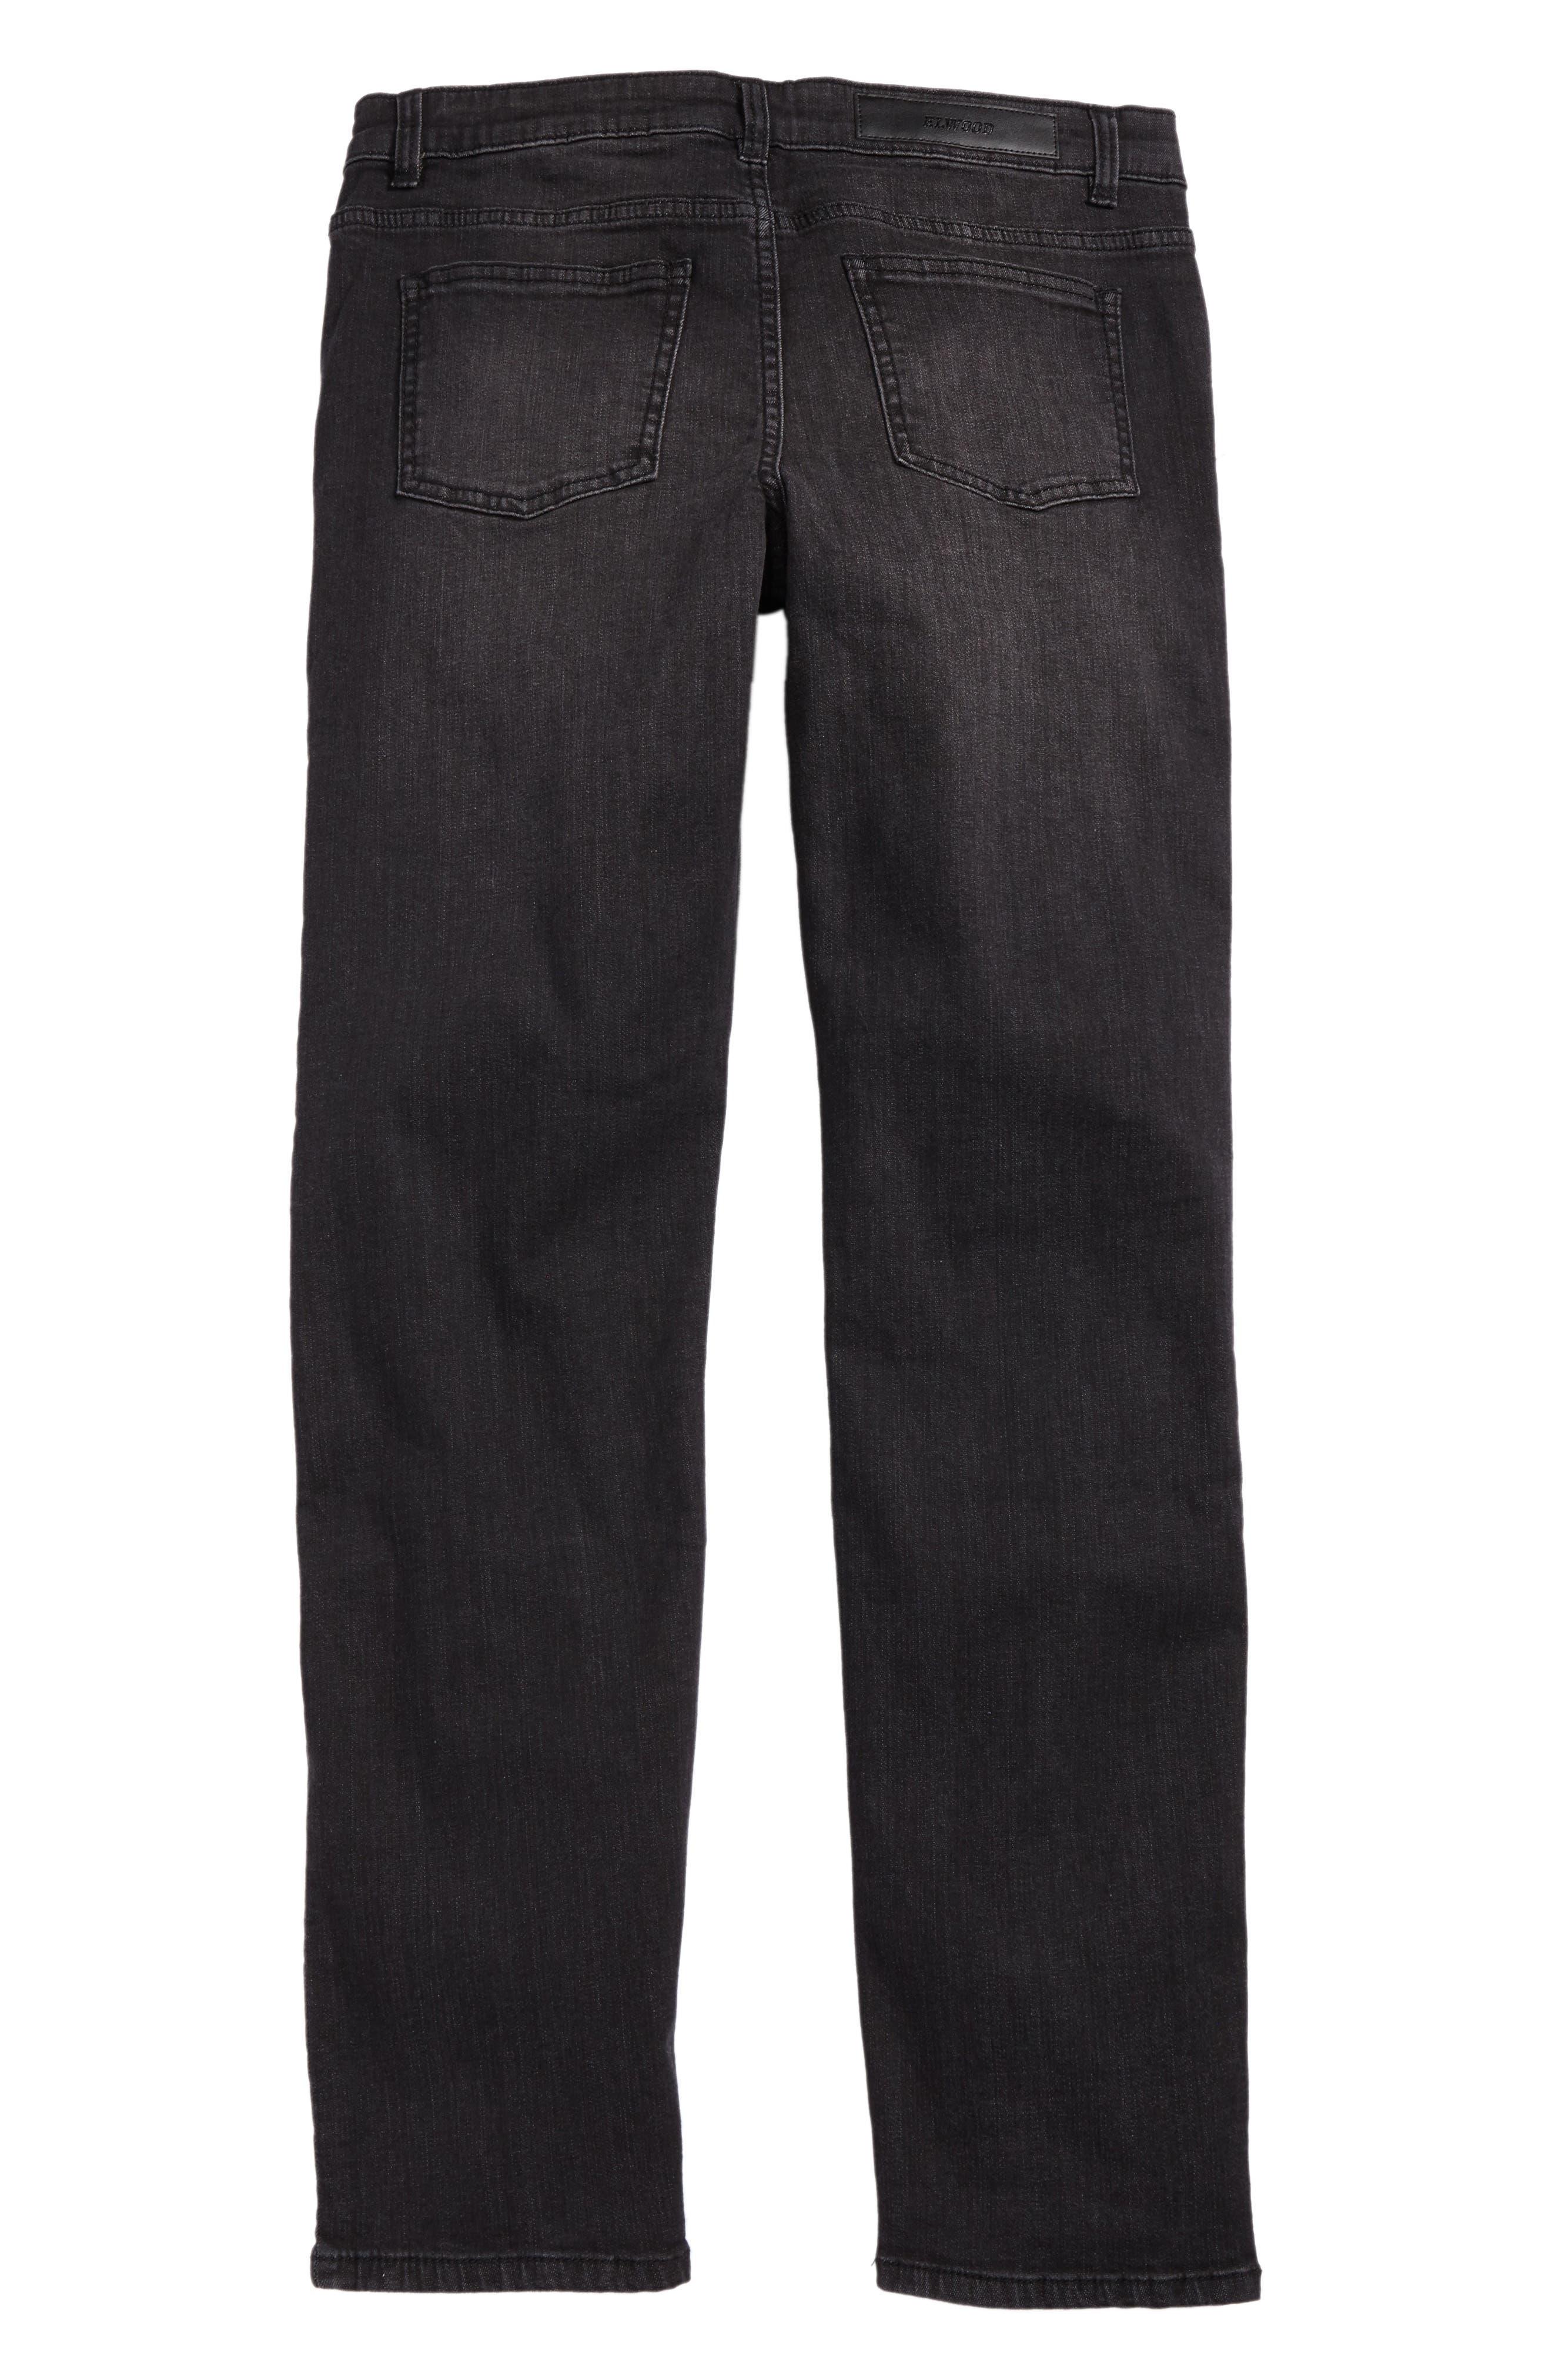 Alternate Image 2  - Elwood Straight Leg Moto Jeans (Big Boys)